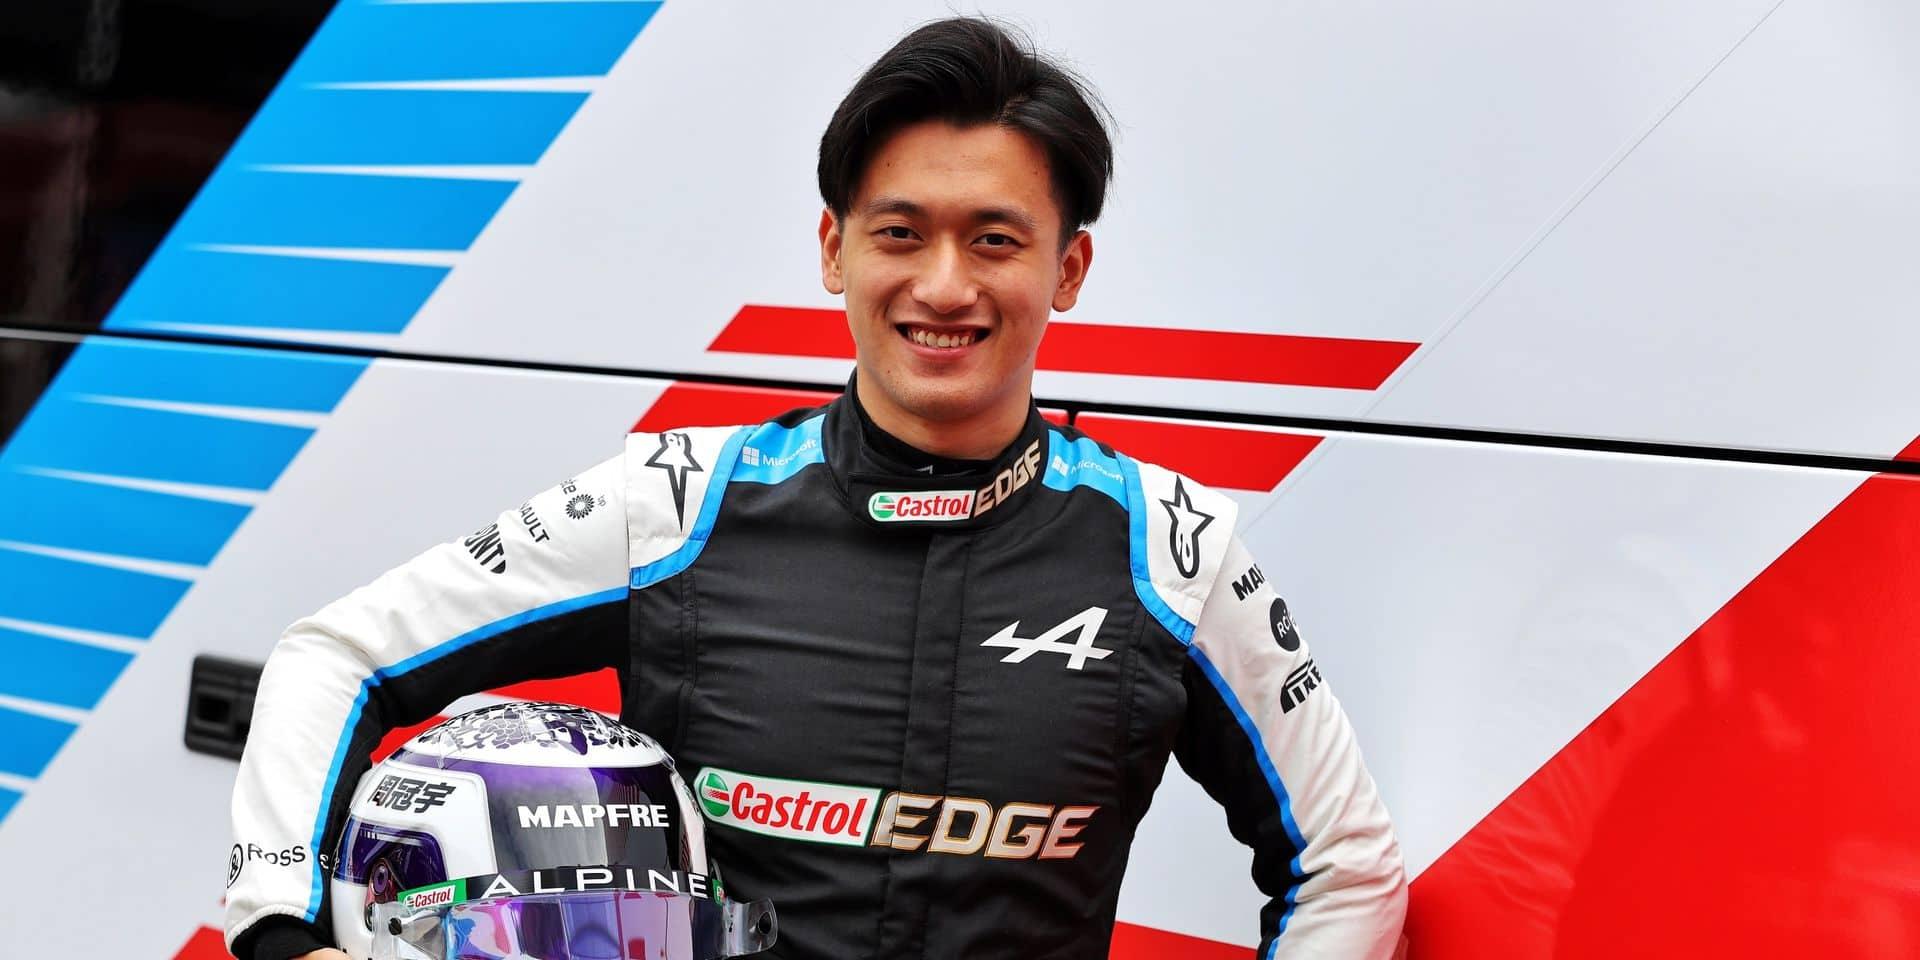 La Chine enfin prête pour avoir un pilote en Formule 1 ?